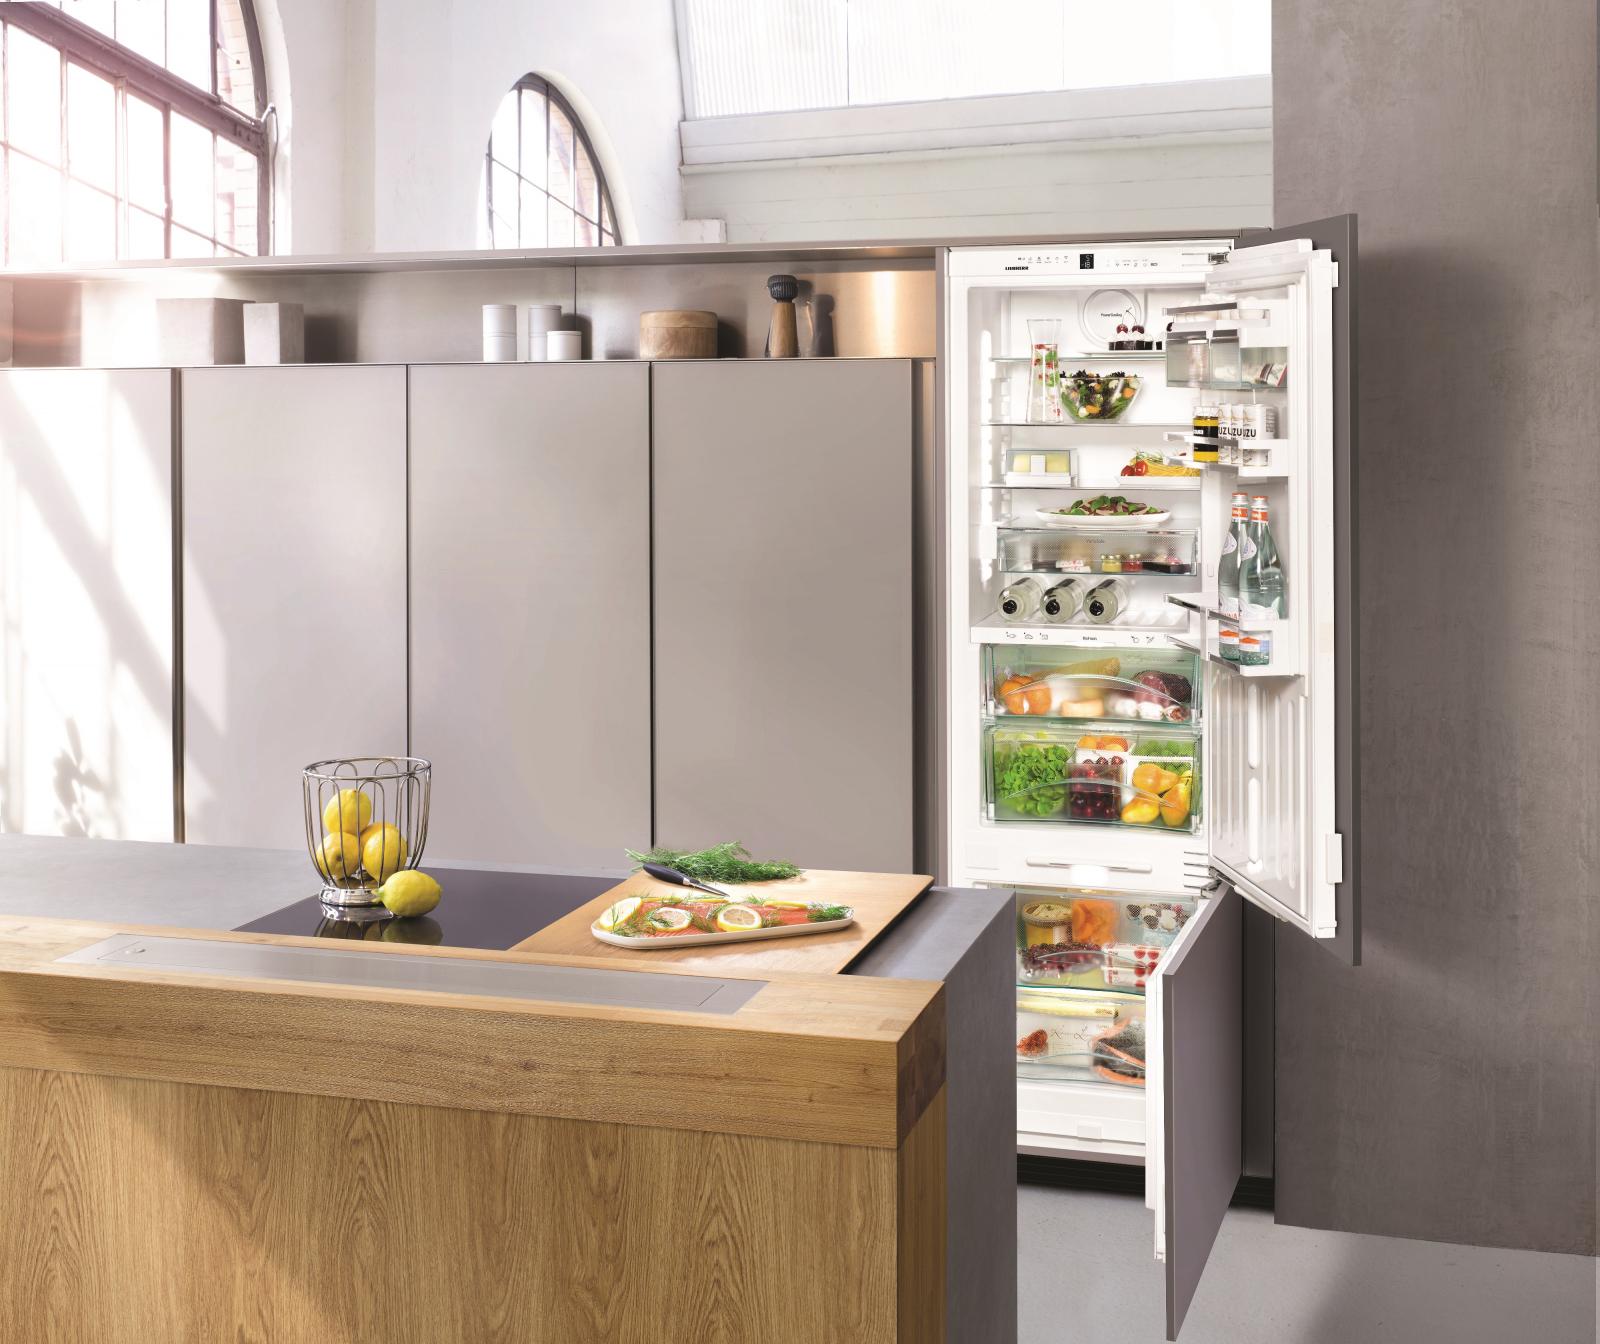 купить Встраиваемый двухкамерный холодильник Liebherr ICBP 3266 Украина фото 4